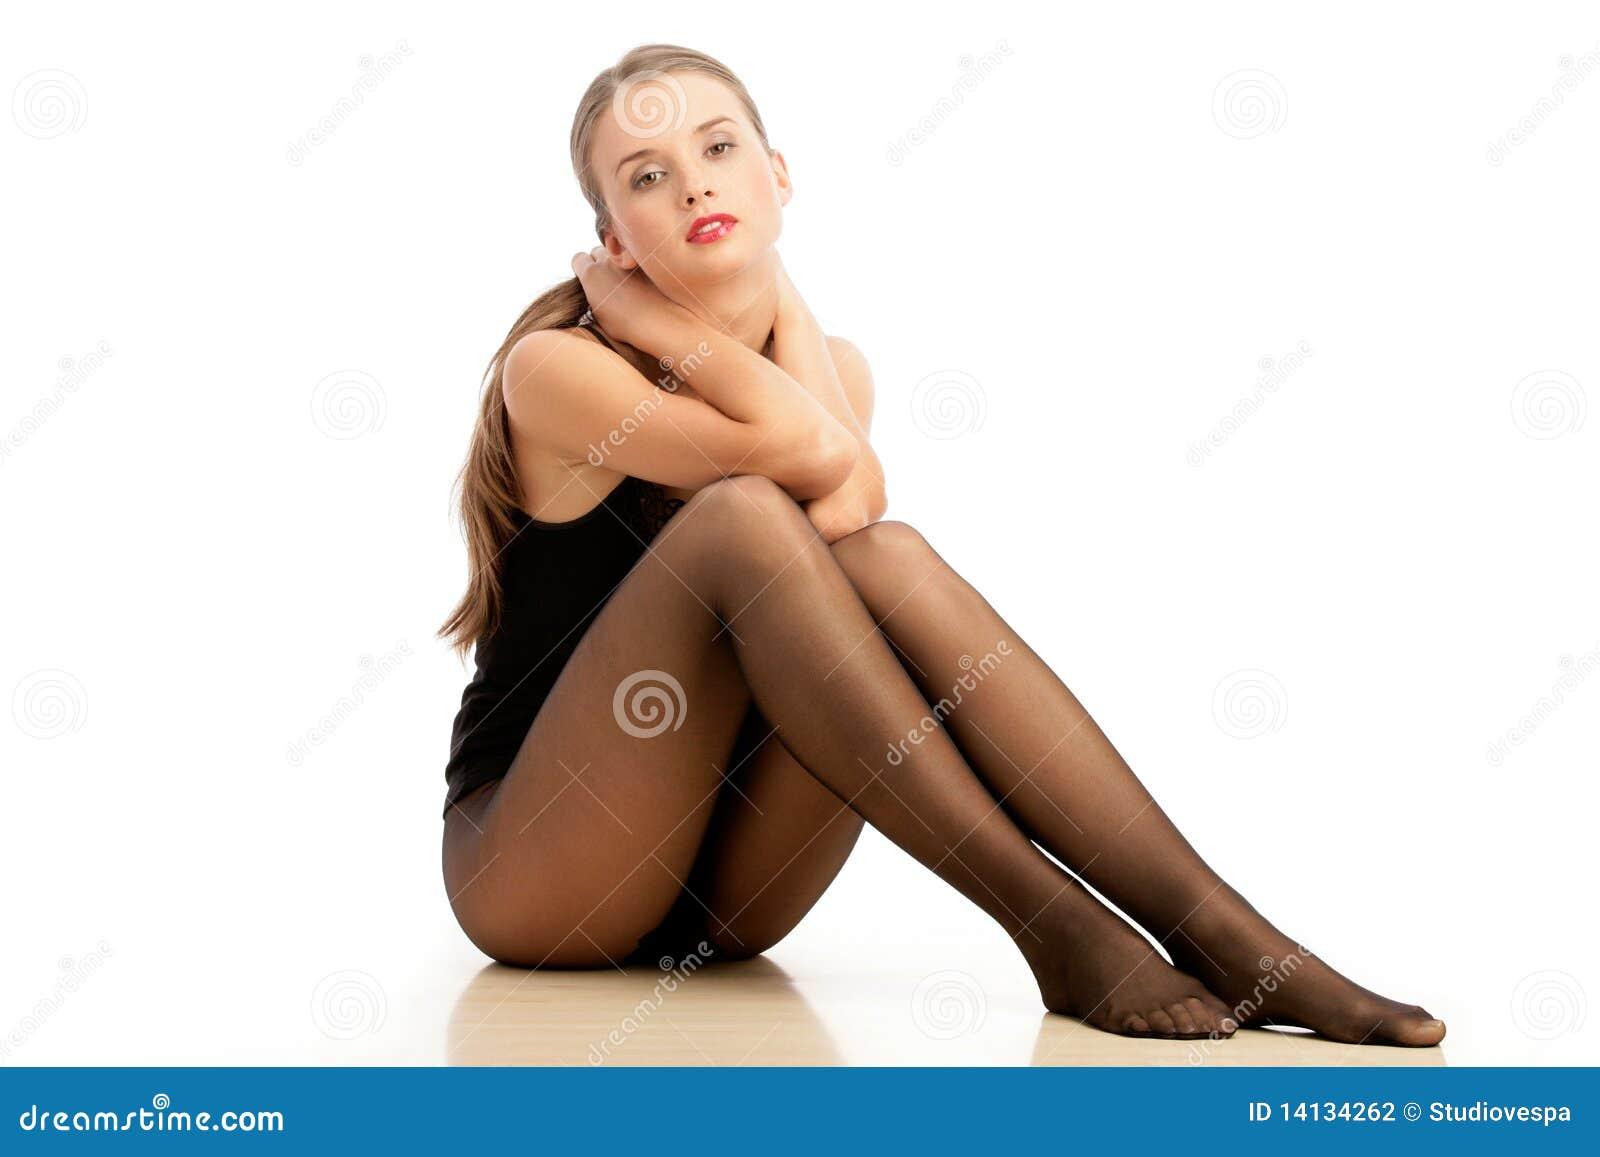 Frauen in stockings bilder